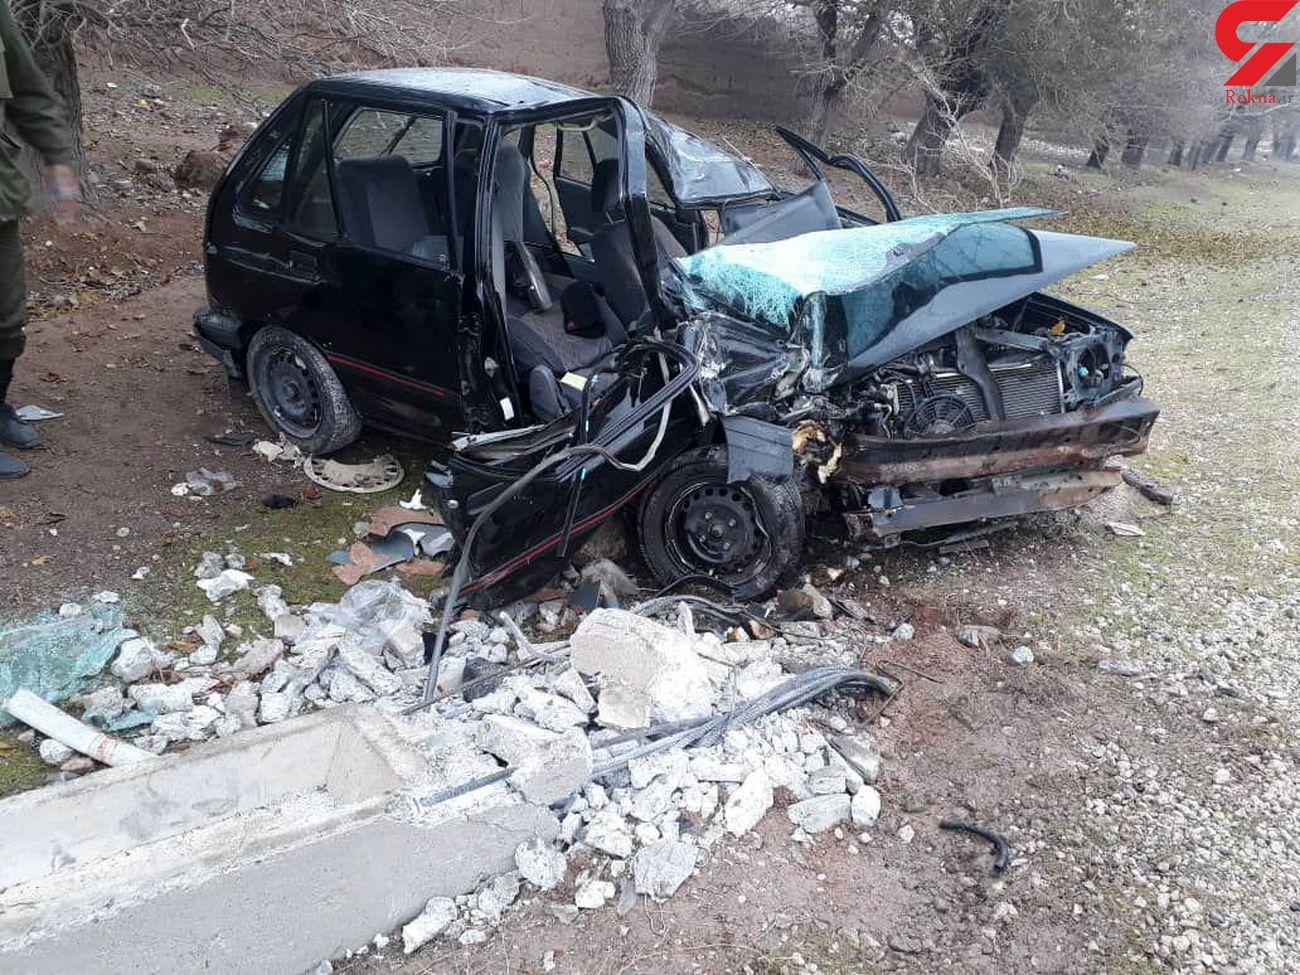 7 زخمی در برخورد پراید با تیرچراغ برق / ساوه + عکس